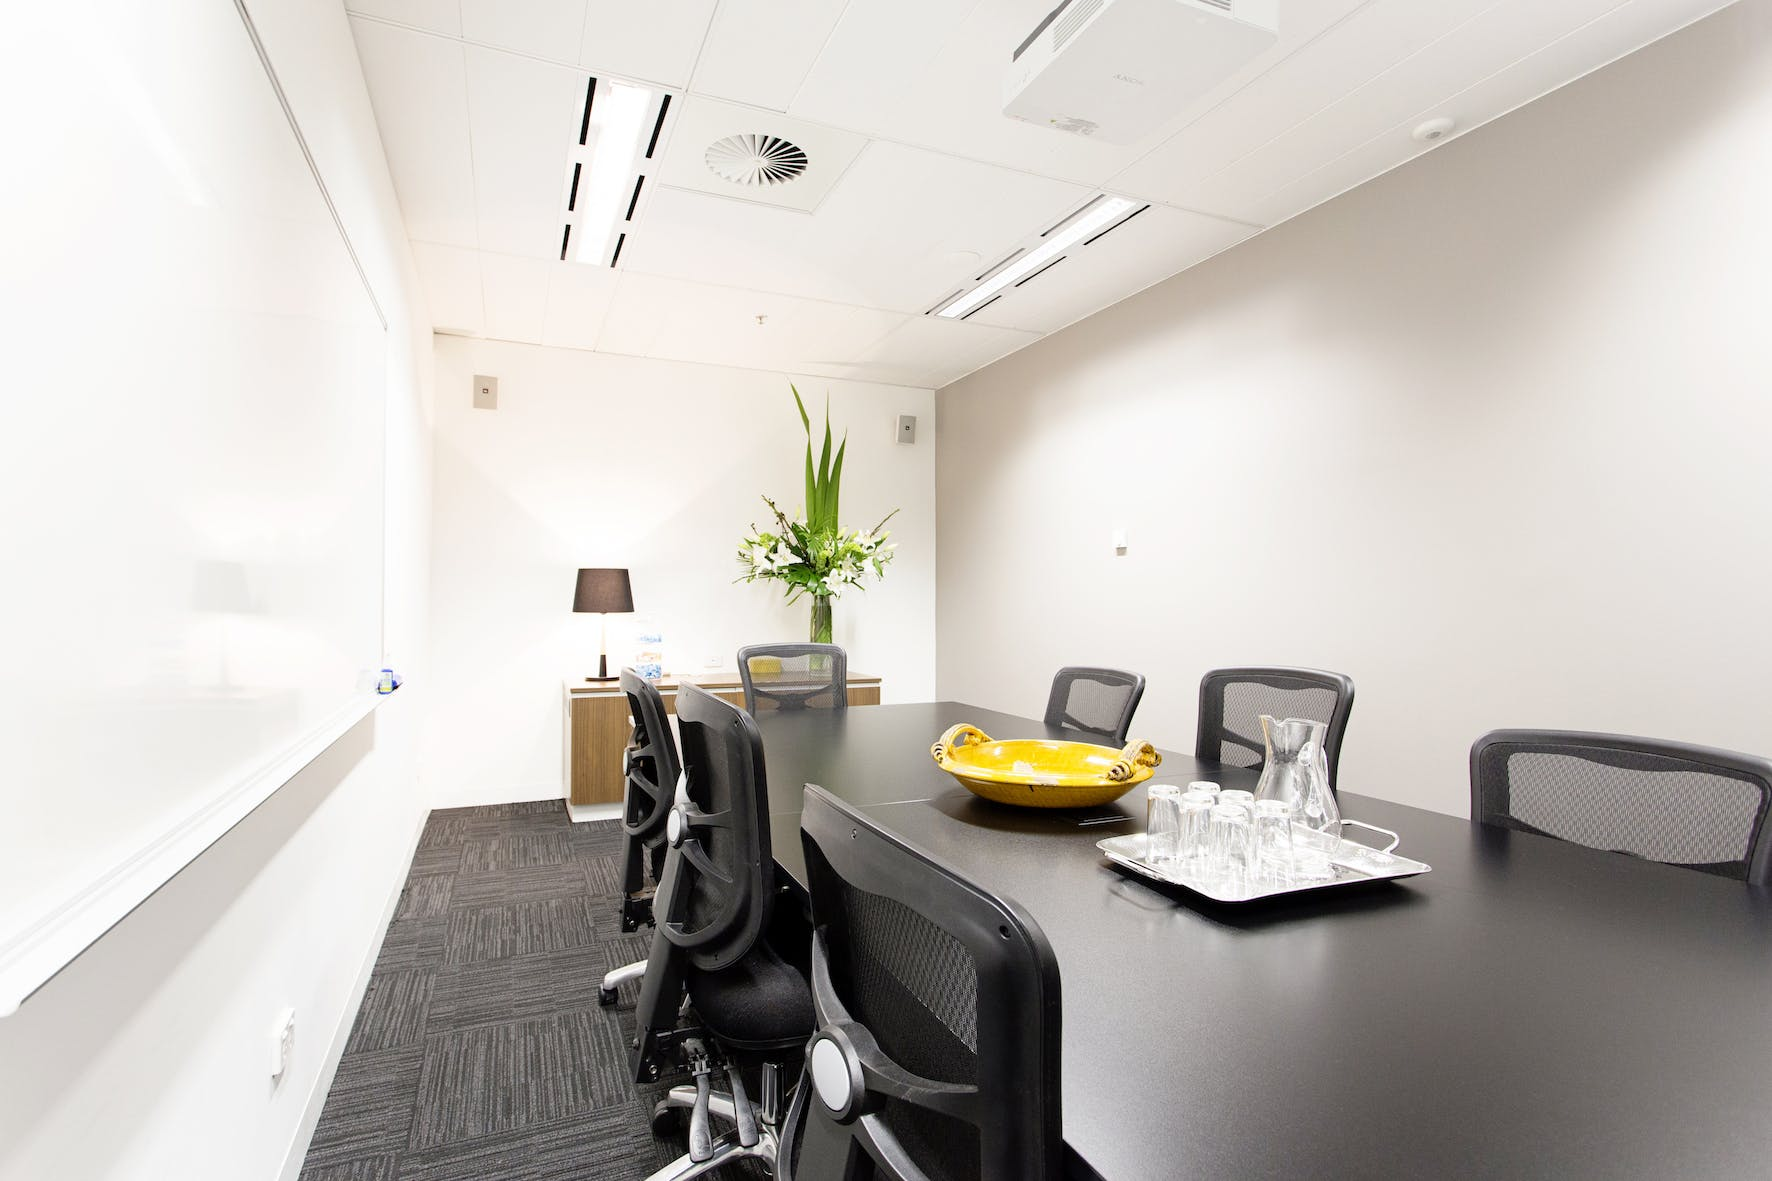 Boardroom, meeting room at @WORKSPACES, image 1